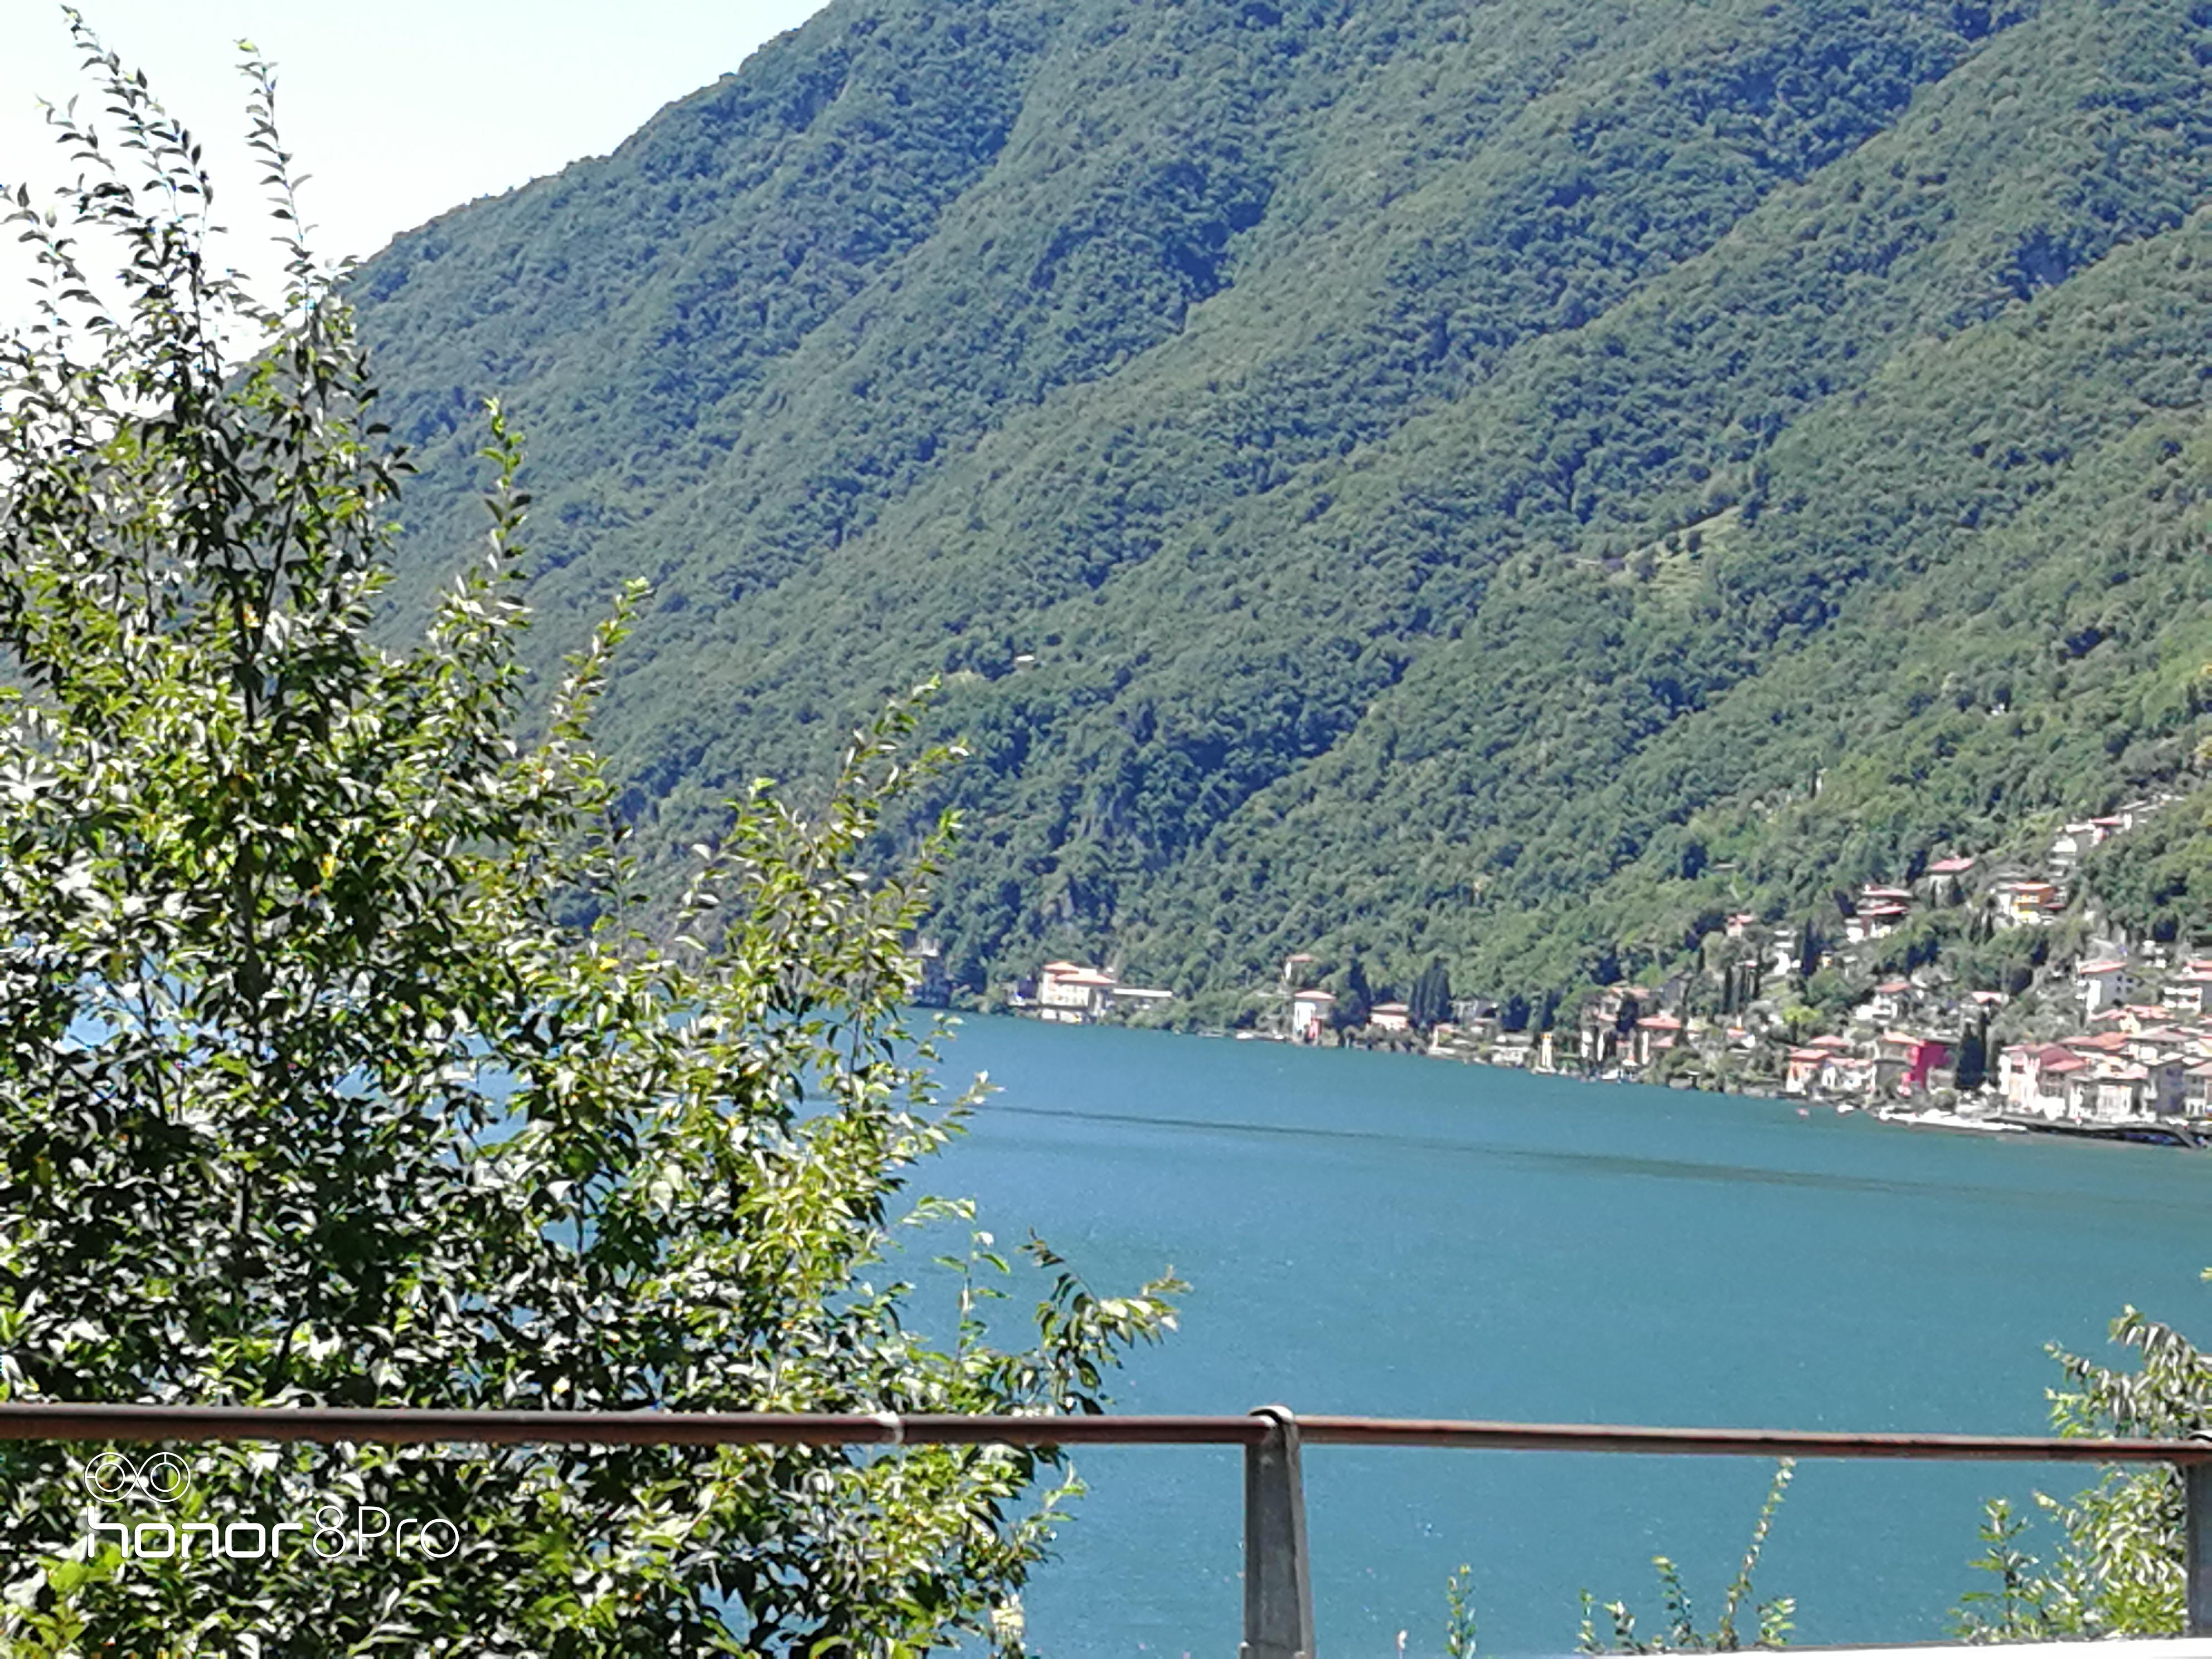 Lavaggio e trattamento cotto effettuato Villa sul lago di Lugano